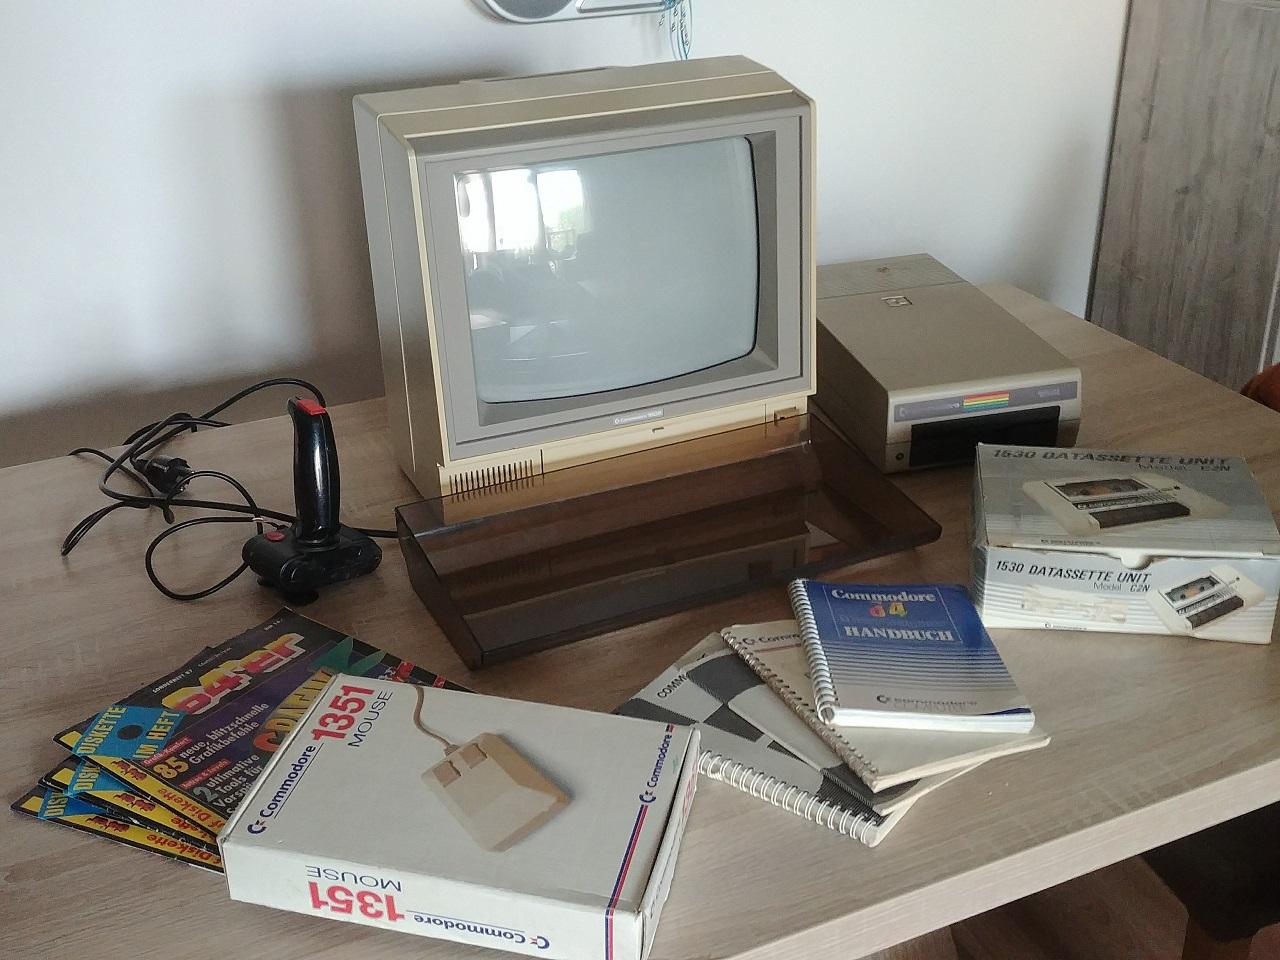 Typische Grundausstattung eines Commodore 64-Benutzers. Nur der Commodore 64 selbst fehlt bei diesem Setup. (Bild: Leopold Brodecky)